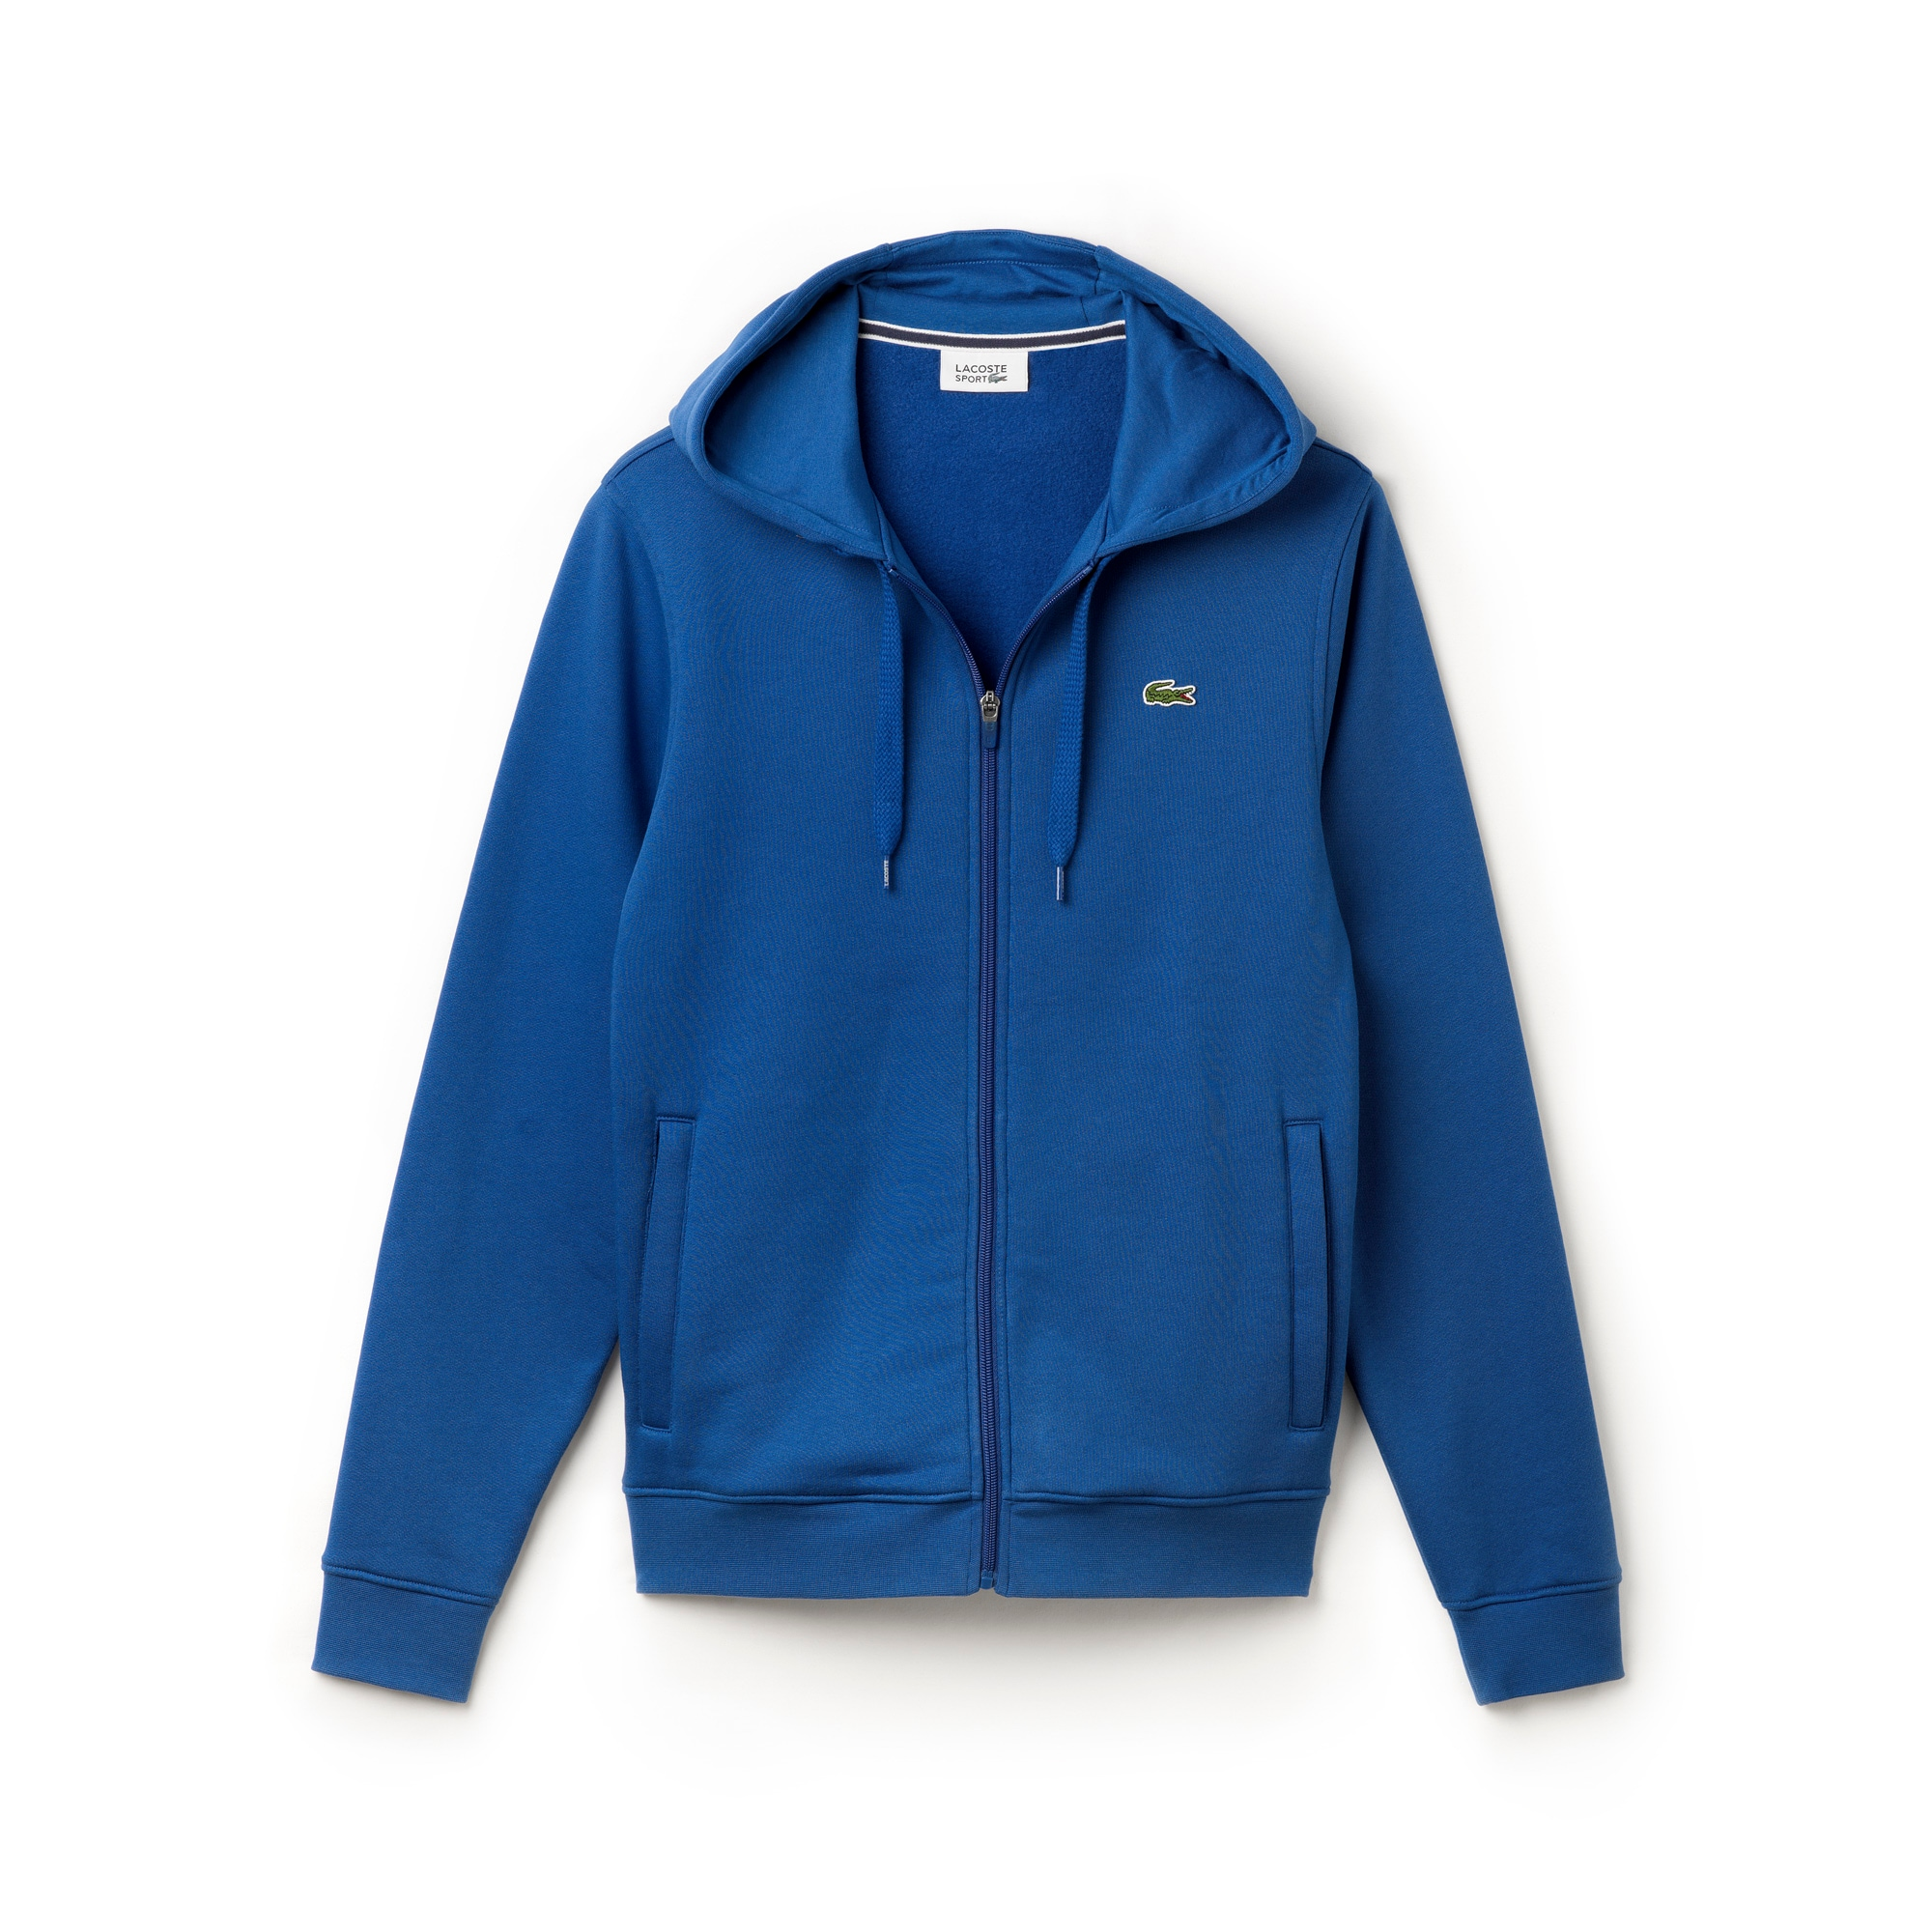 9ab1e51f8c Men's Lacoste SPORT Tennis hooded zippered sweatshirt in fleece ...